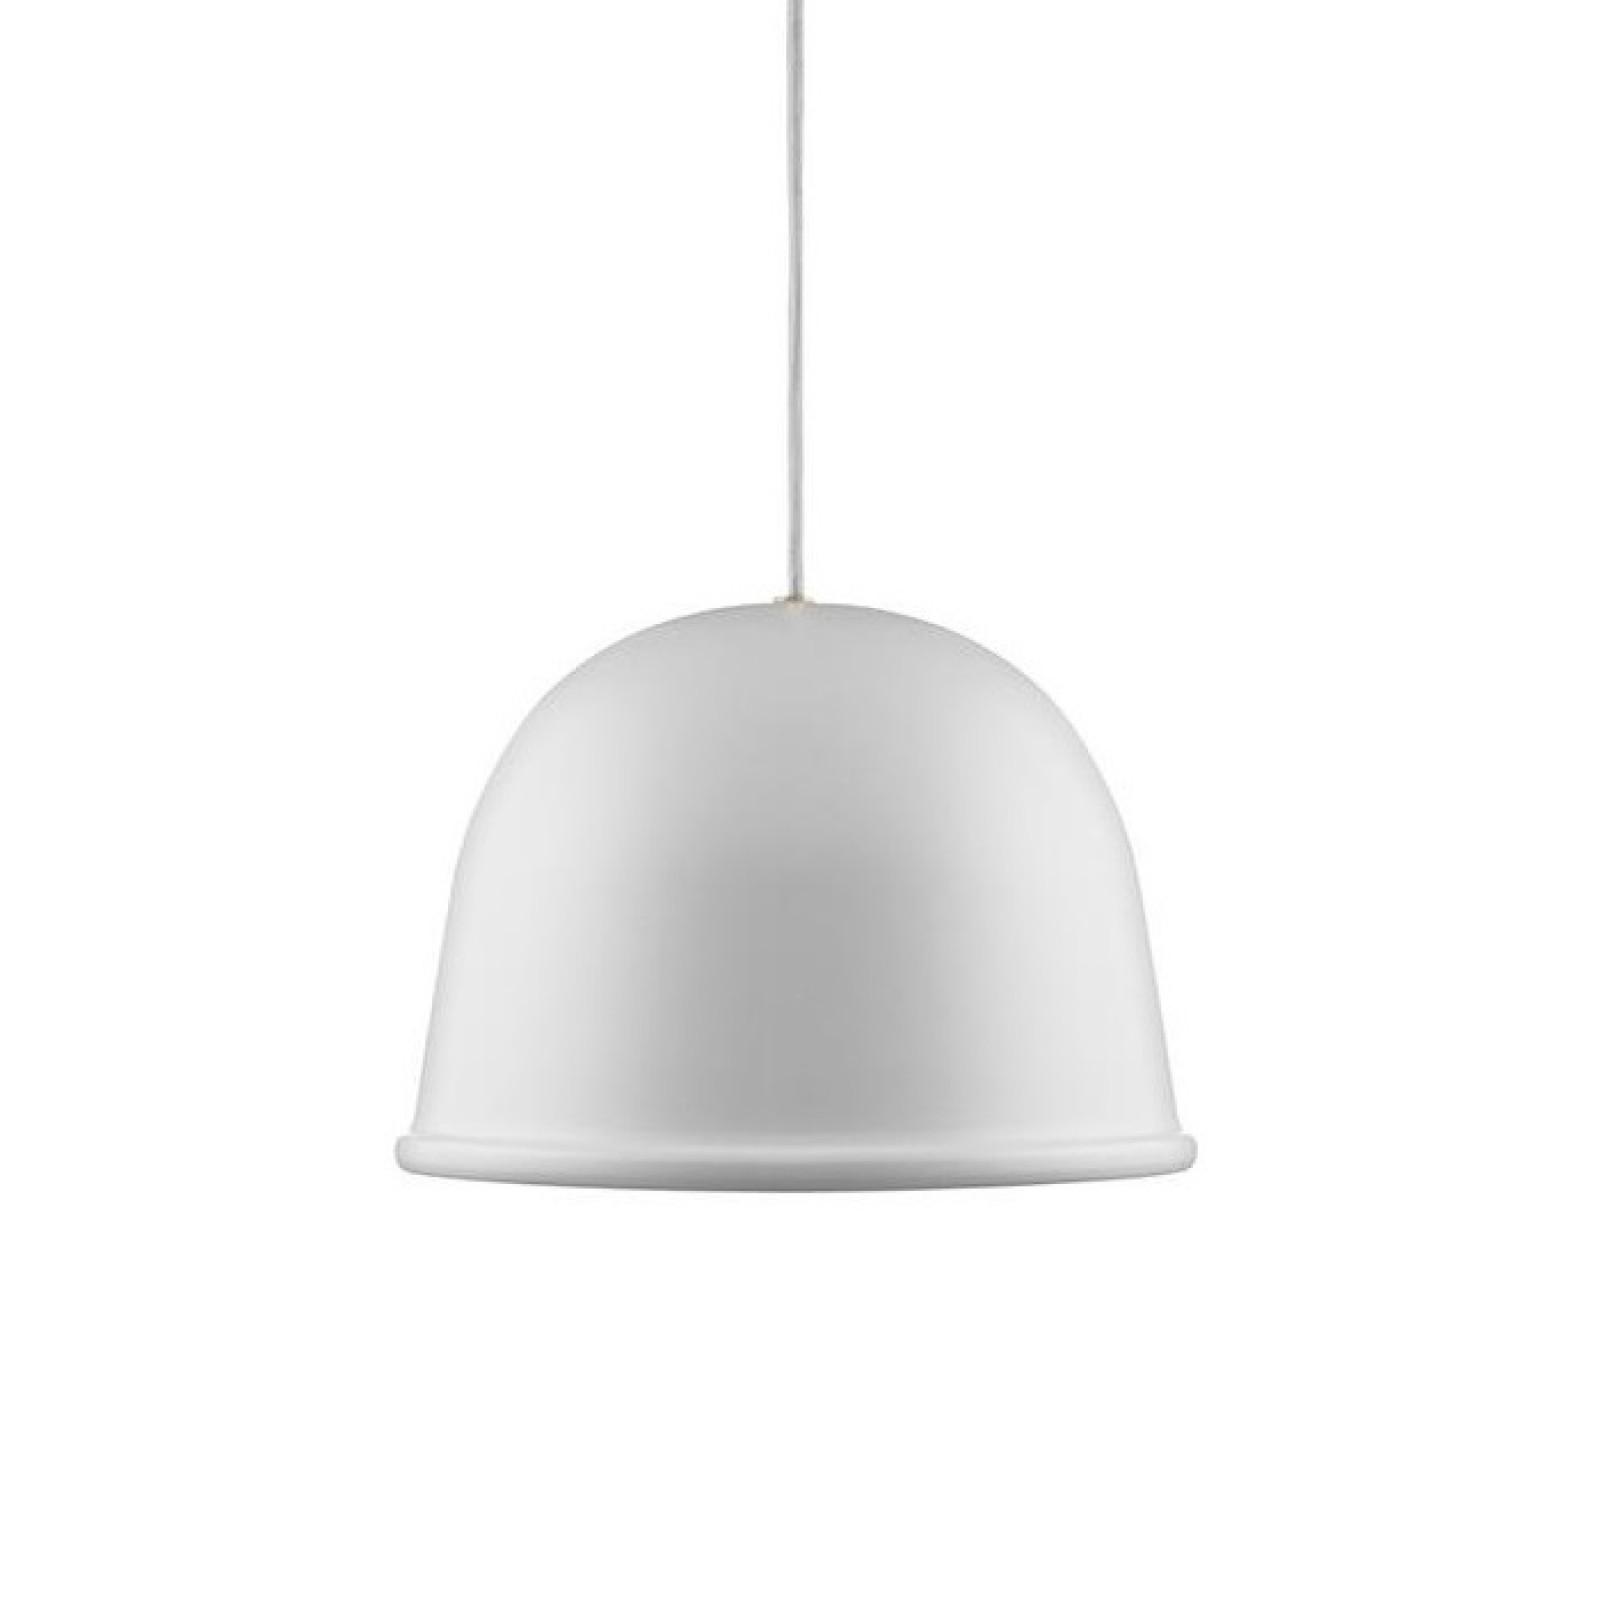 Φωτιστικό Οροφής Local (Λευκό) - Normann Copenhagen